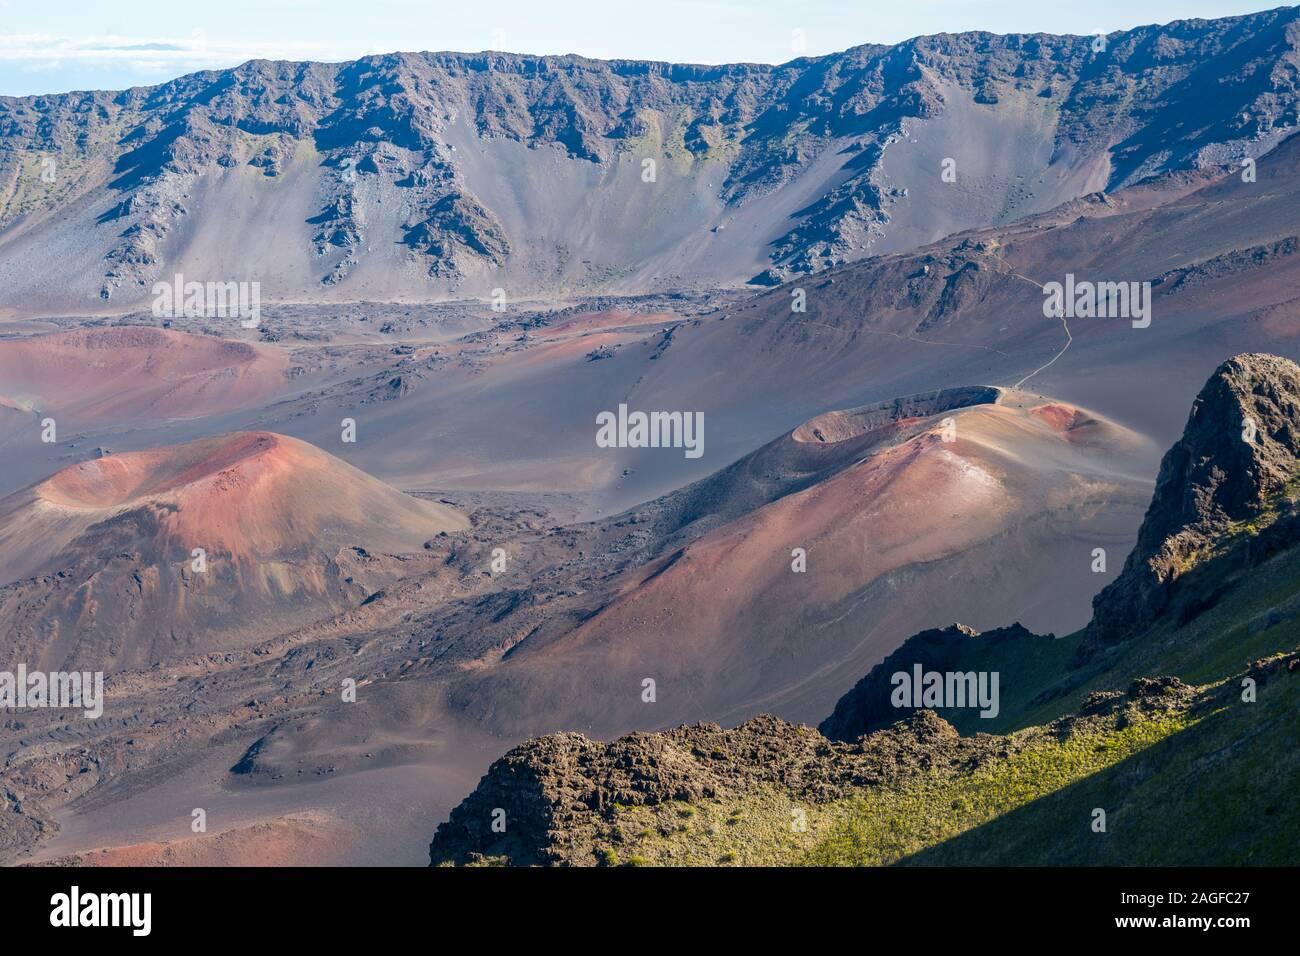 Una con vistas de la naturaleza en Maui, Hawai Foto de stock